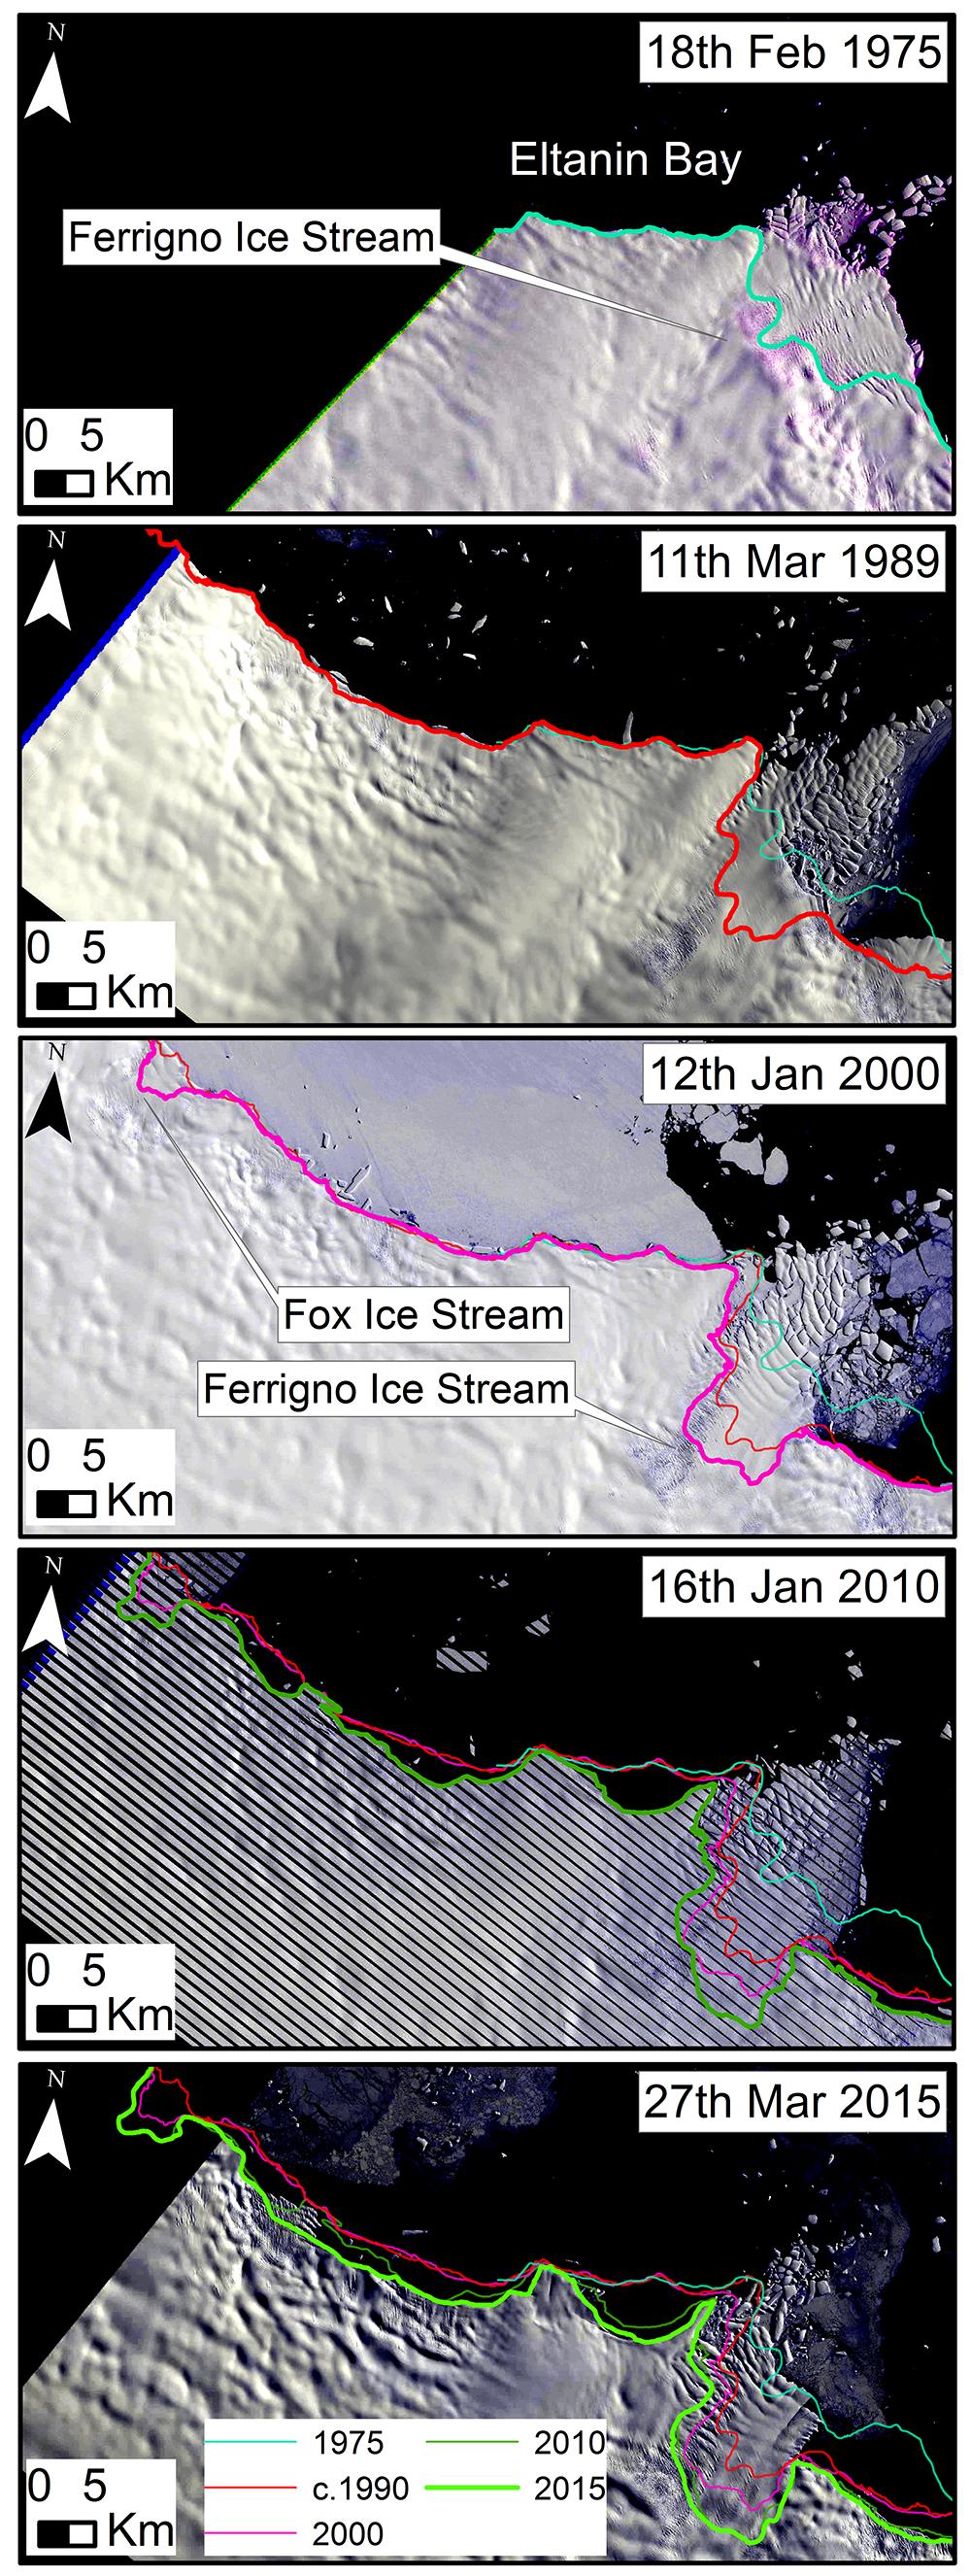 Ferrigno Ice Stream